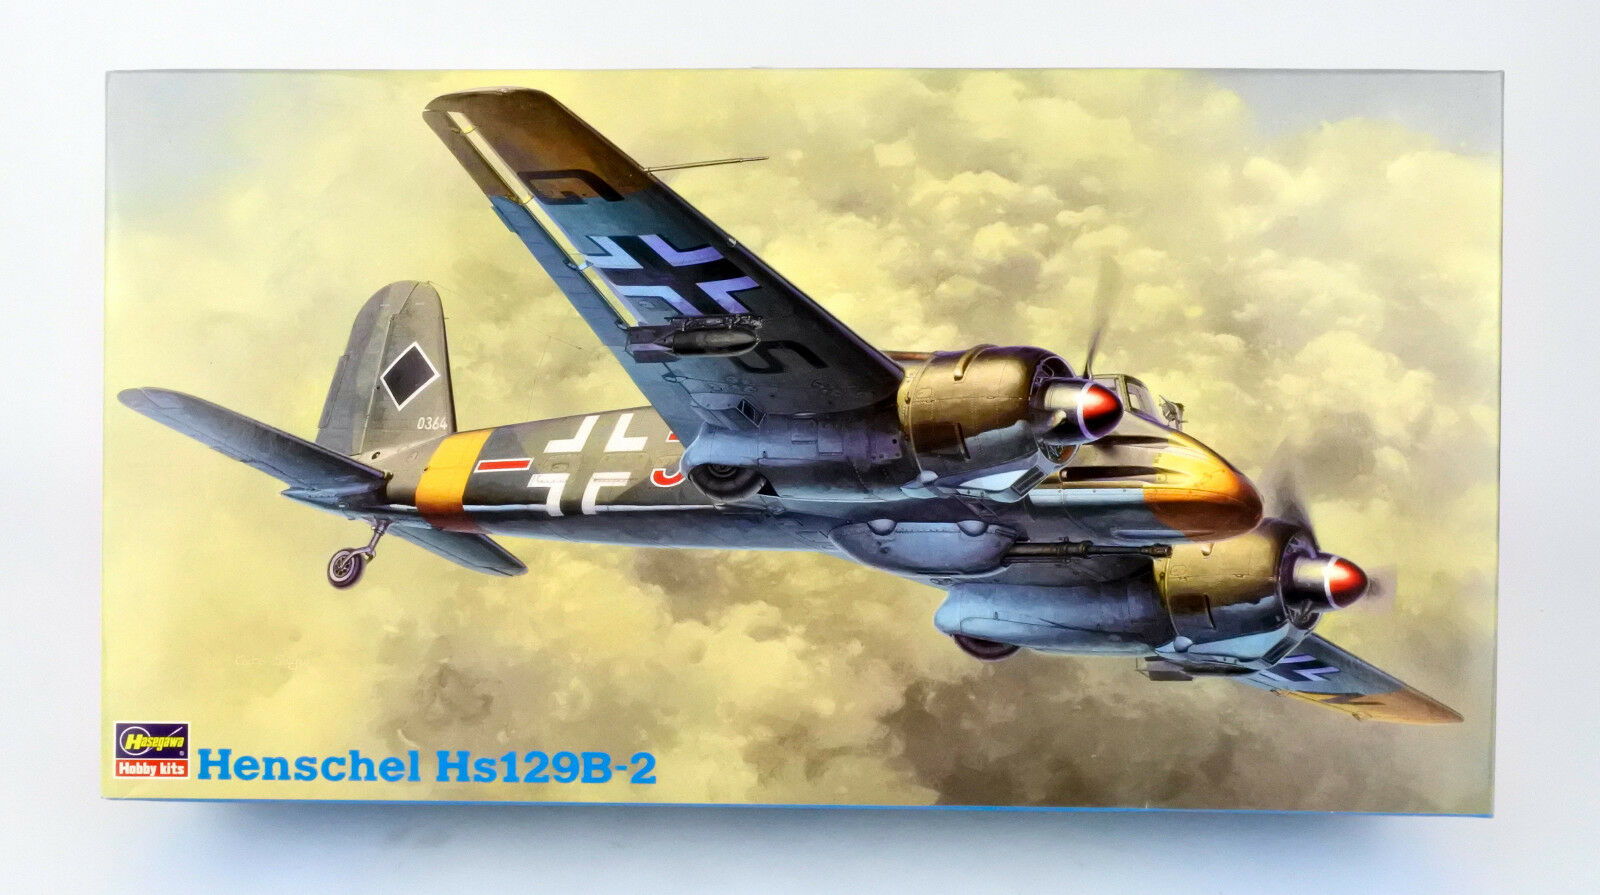 HASEGAWA 1 48 09071 GERMAN WWII HENSCHEL HS129B-2 JT71 MODEL KIT